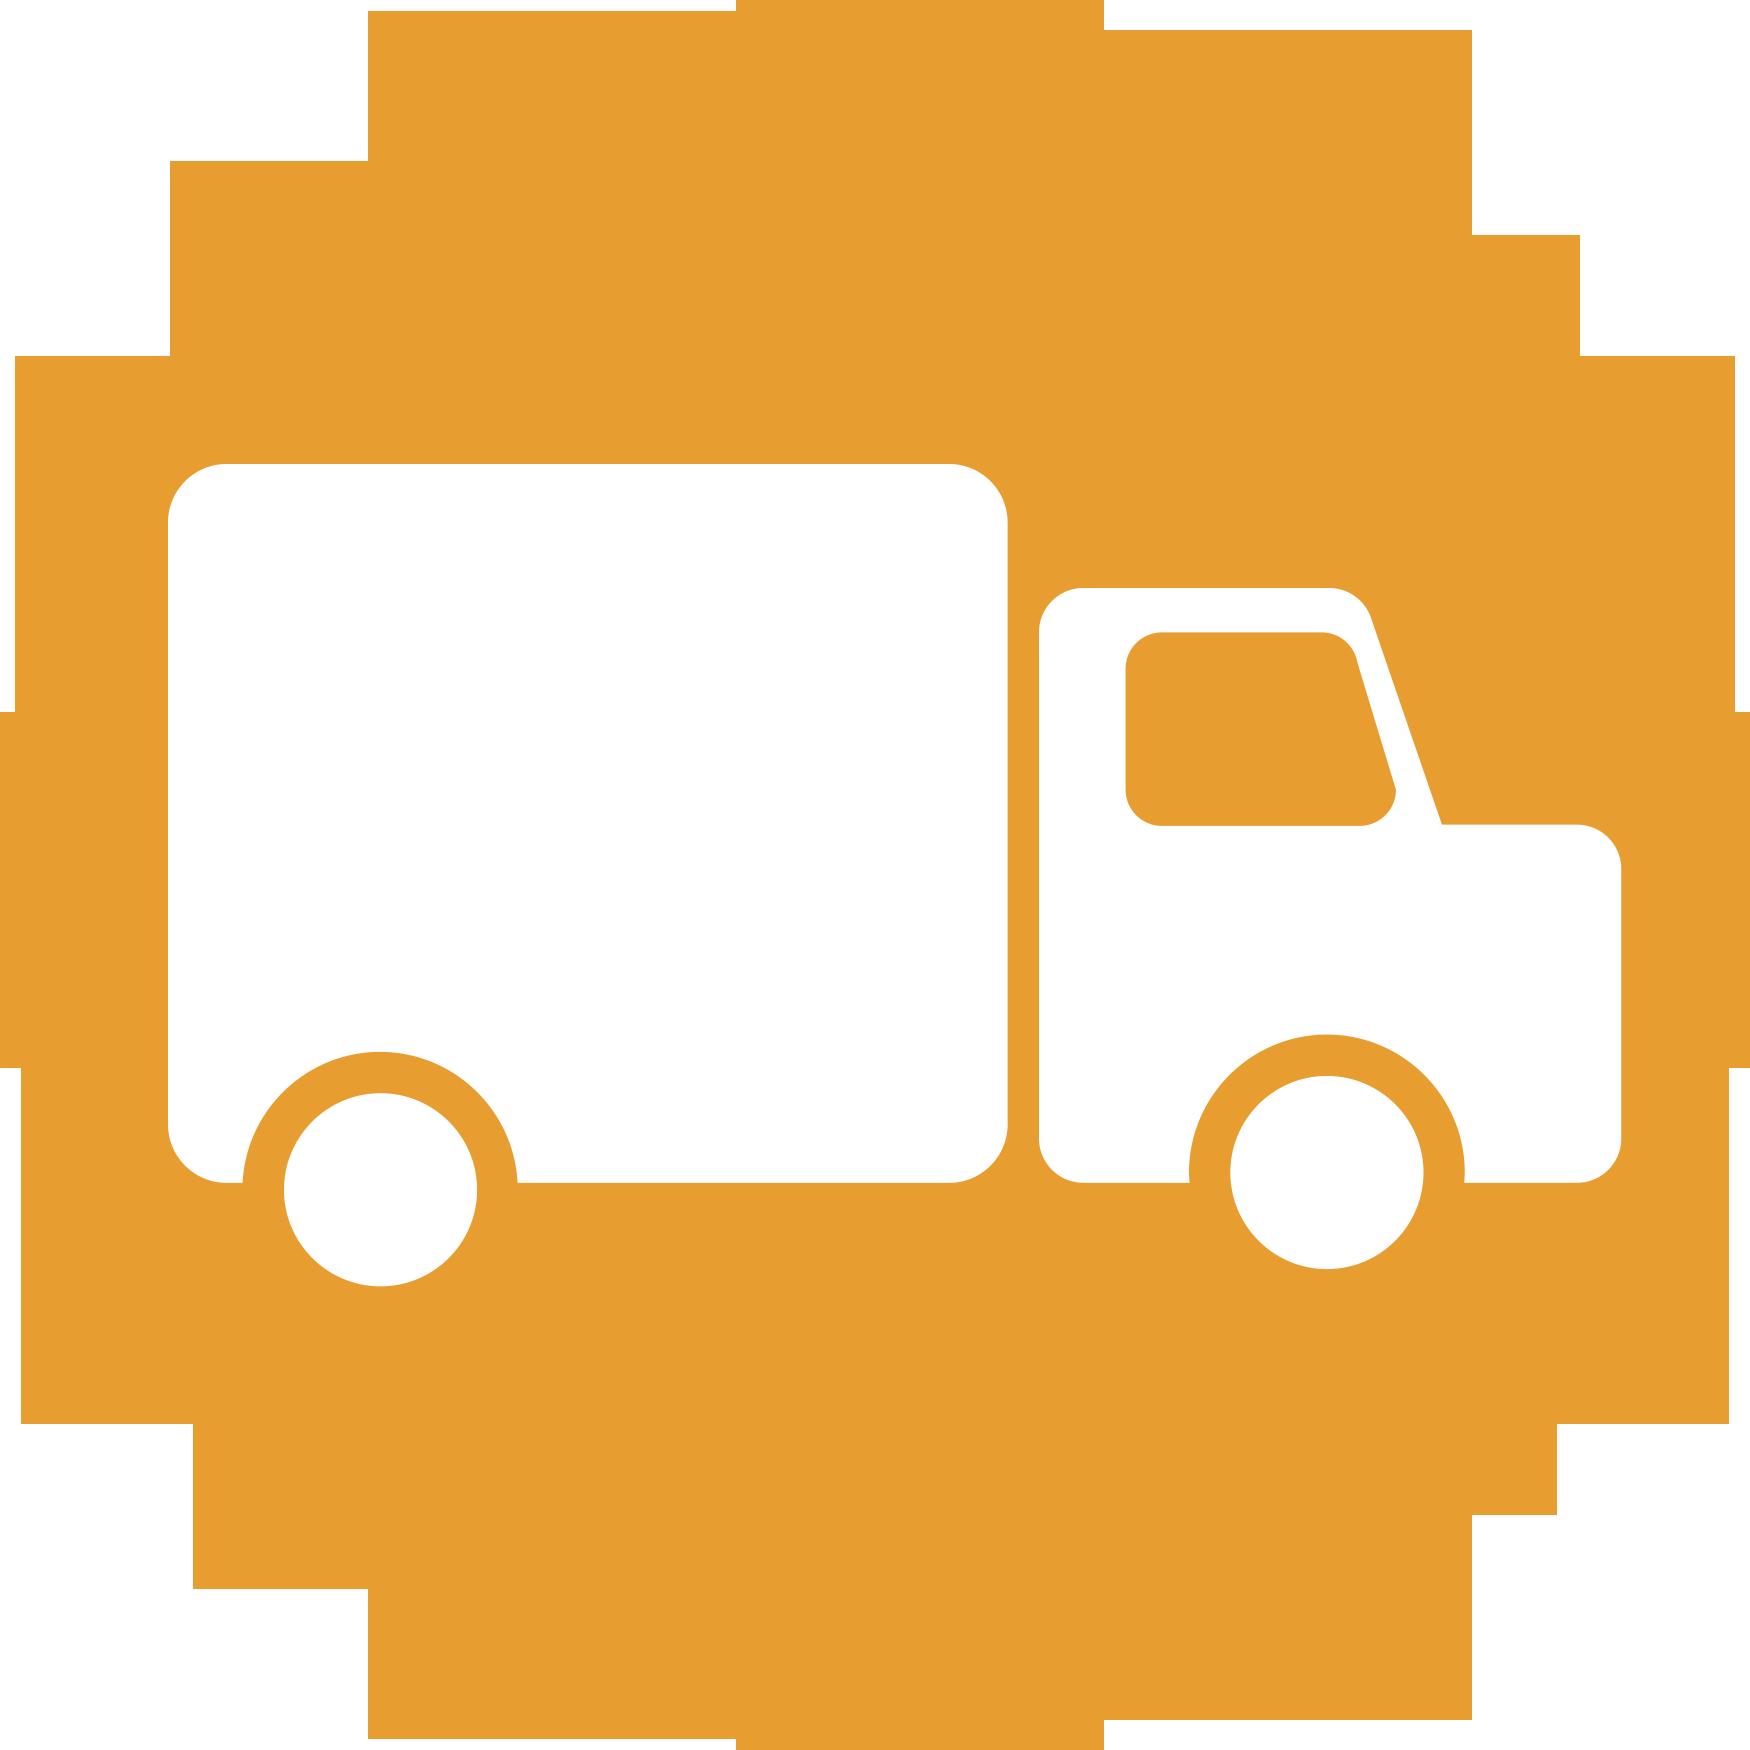 nuestros servicios - shipping circle icon 29 - Nuestros Servicios